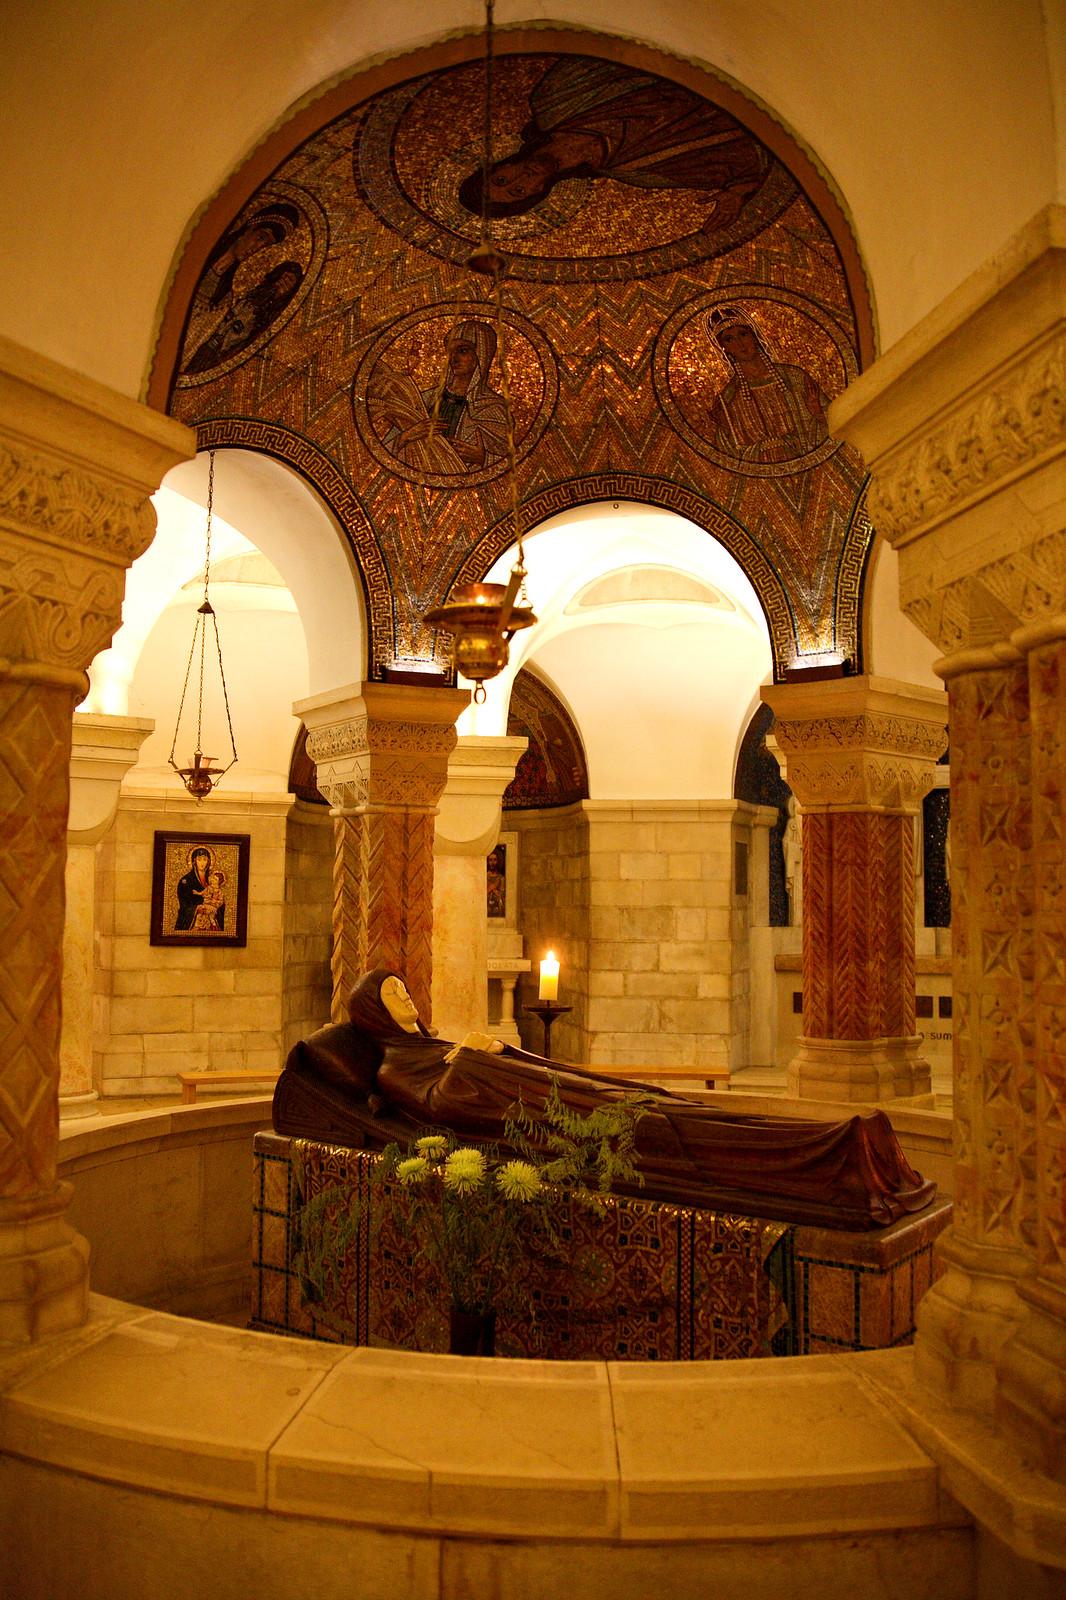 Jerusalem_Dormition Abbey_7_Noam Chen_IMOT